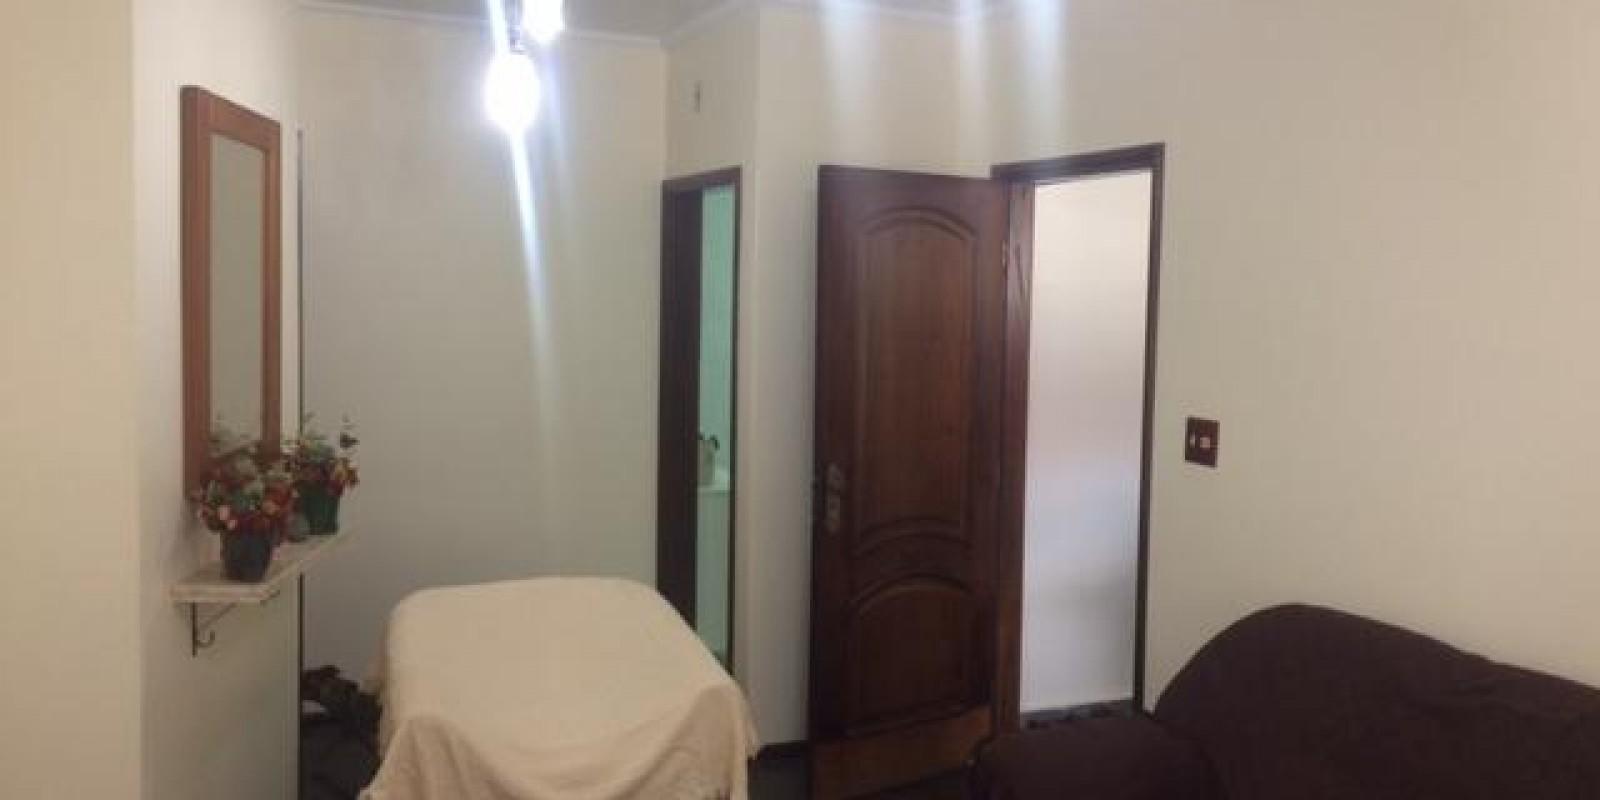 Casa no Bairro Três Maria em Avaré SP - Foto 2 de 19